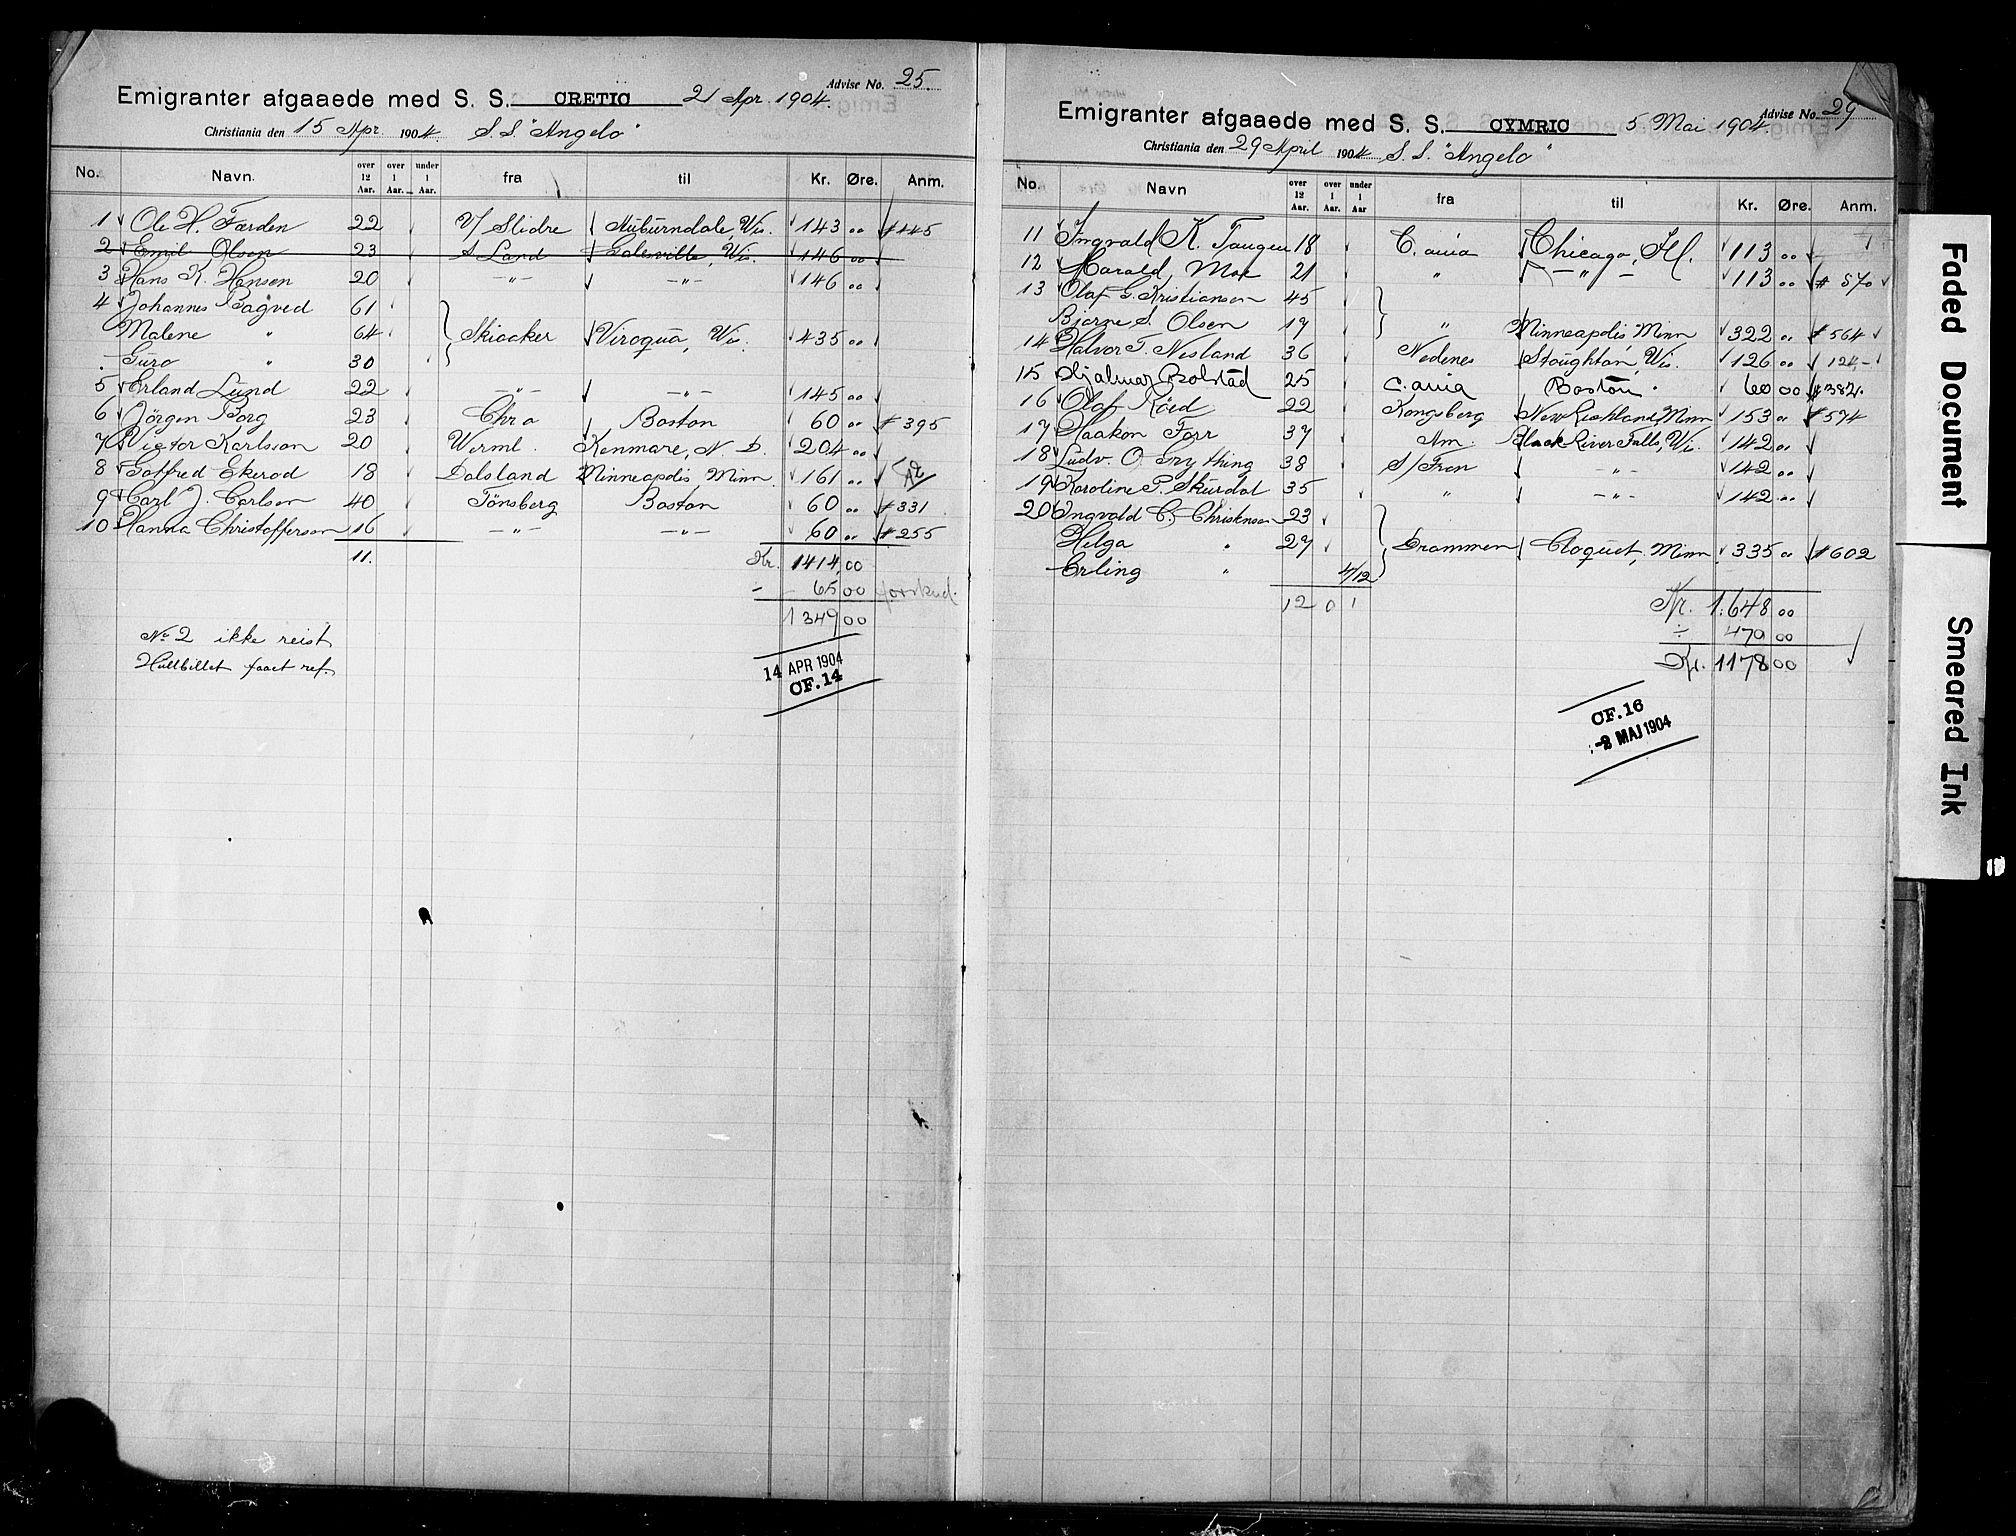 SAO, White Star-linjen, D/Da/L0005: Emigrant, 1904-1923